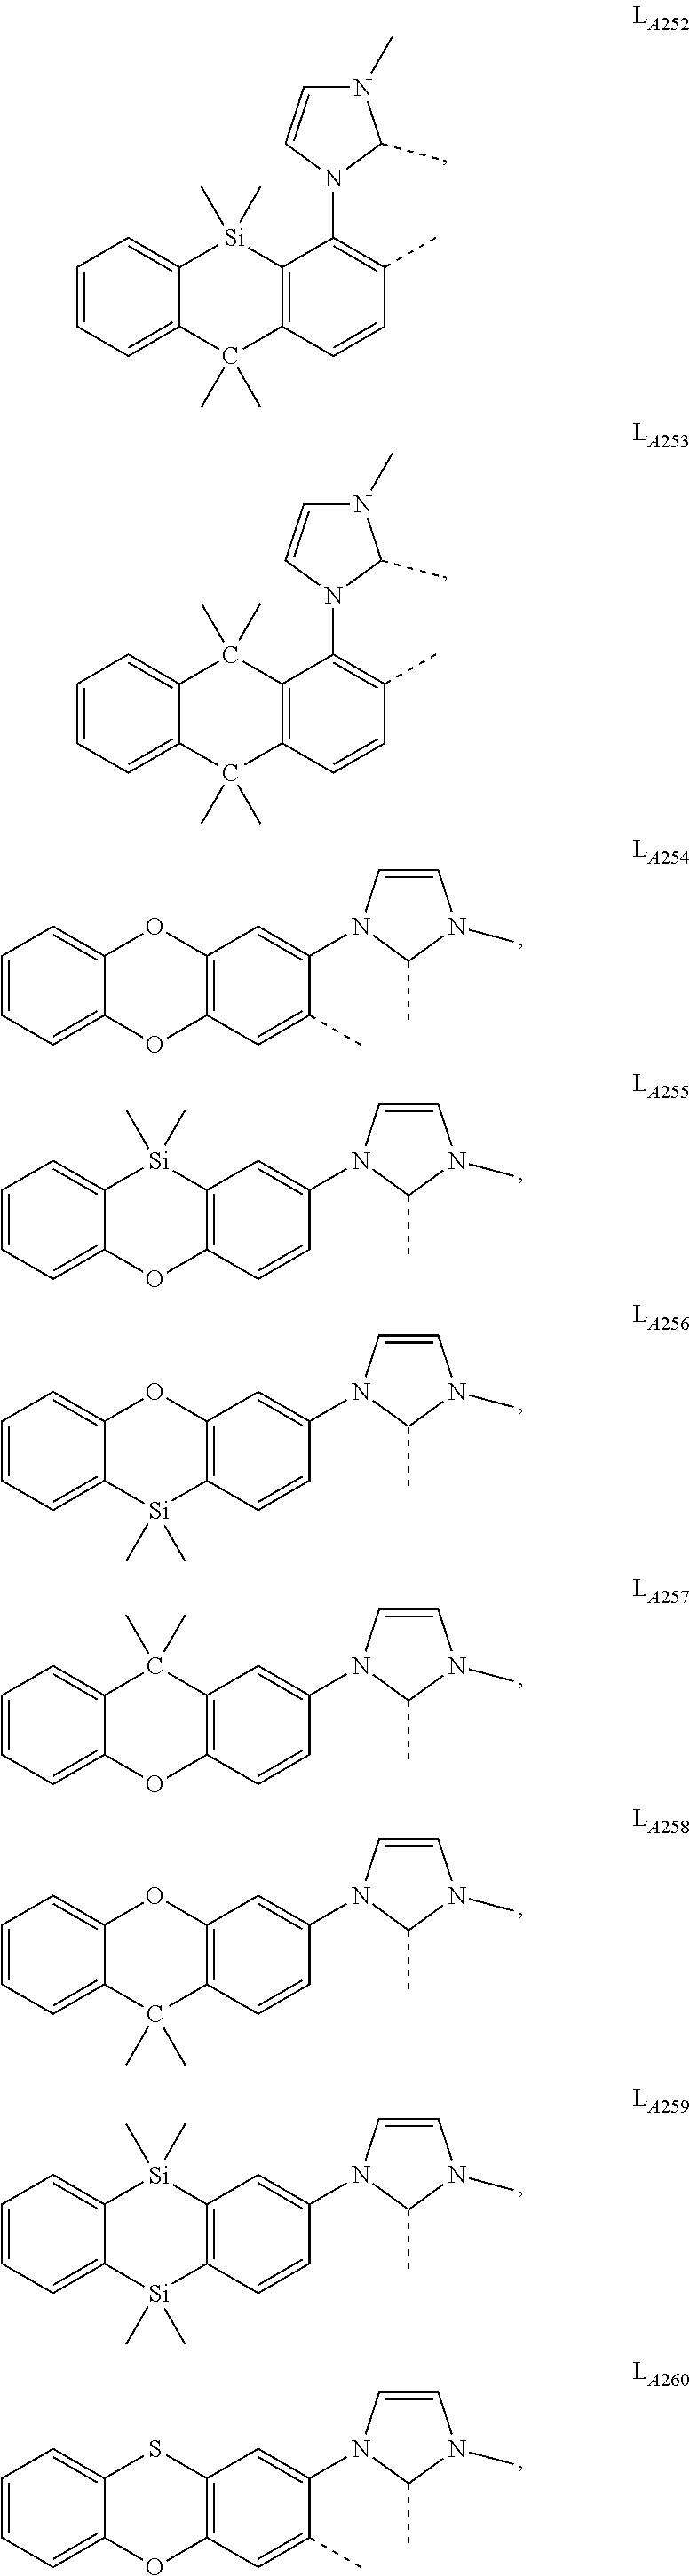 Figure US10153443-20181211-C00045